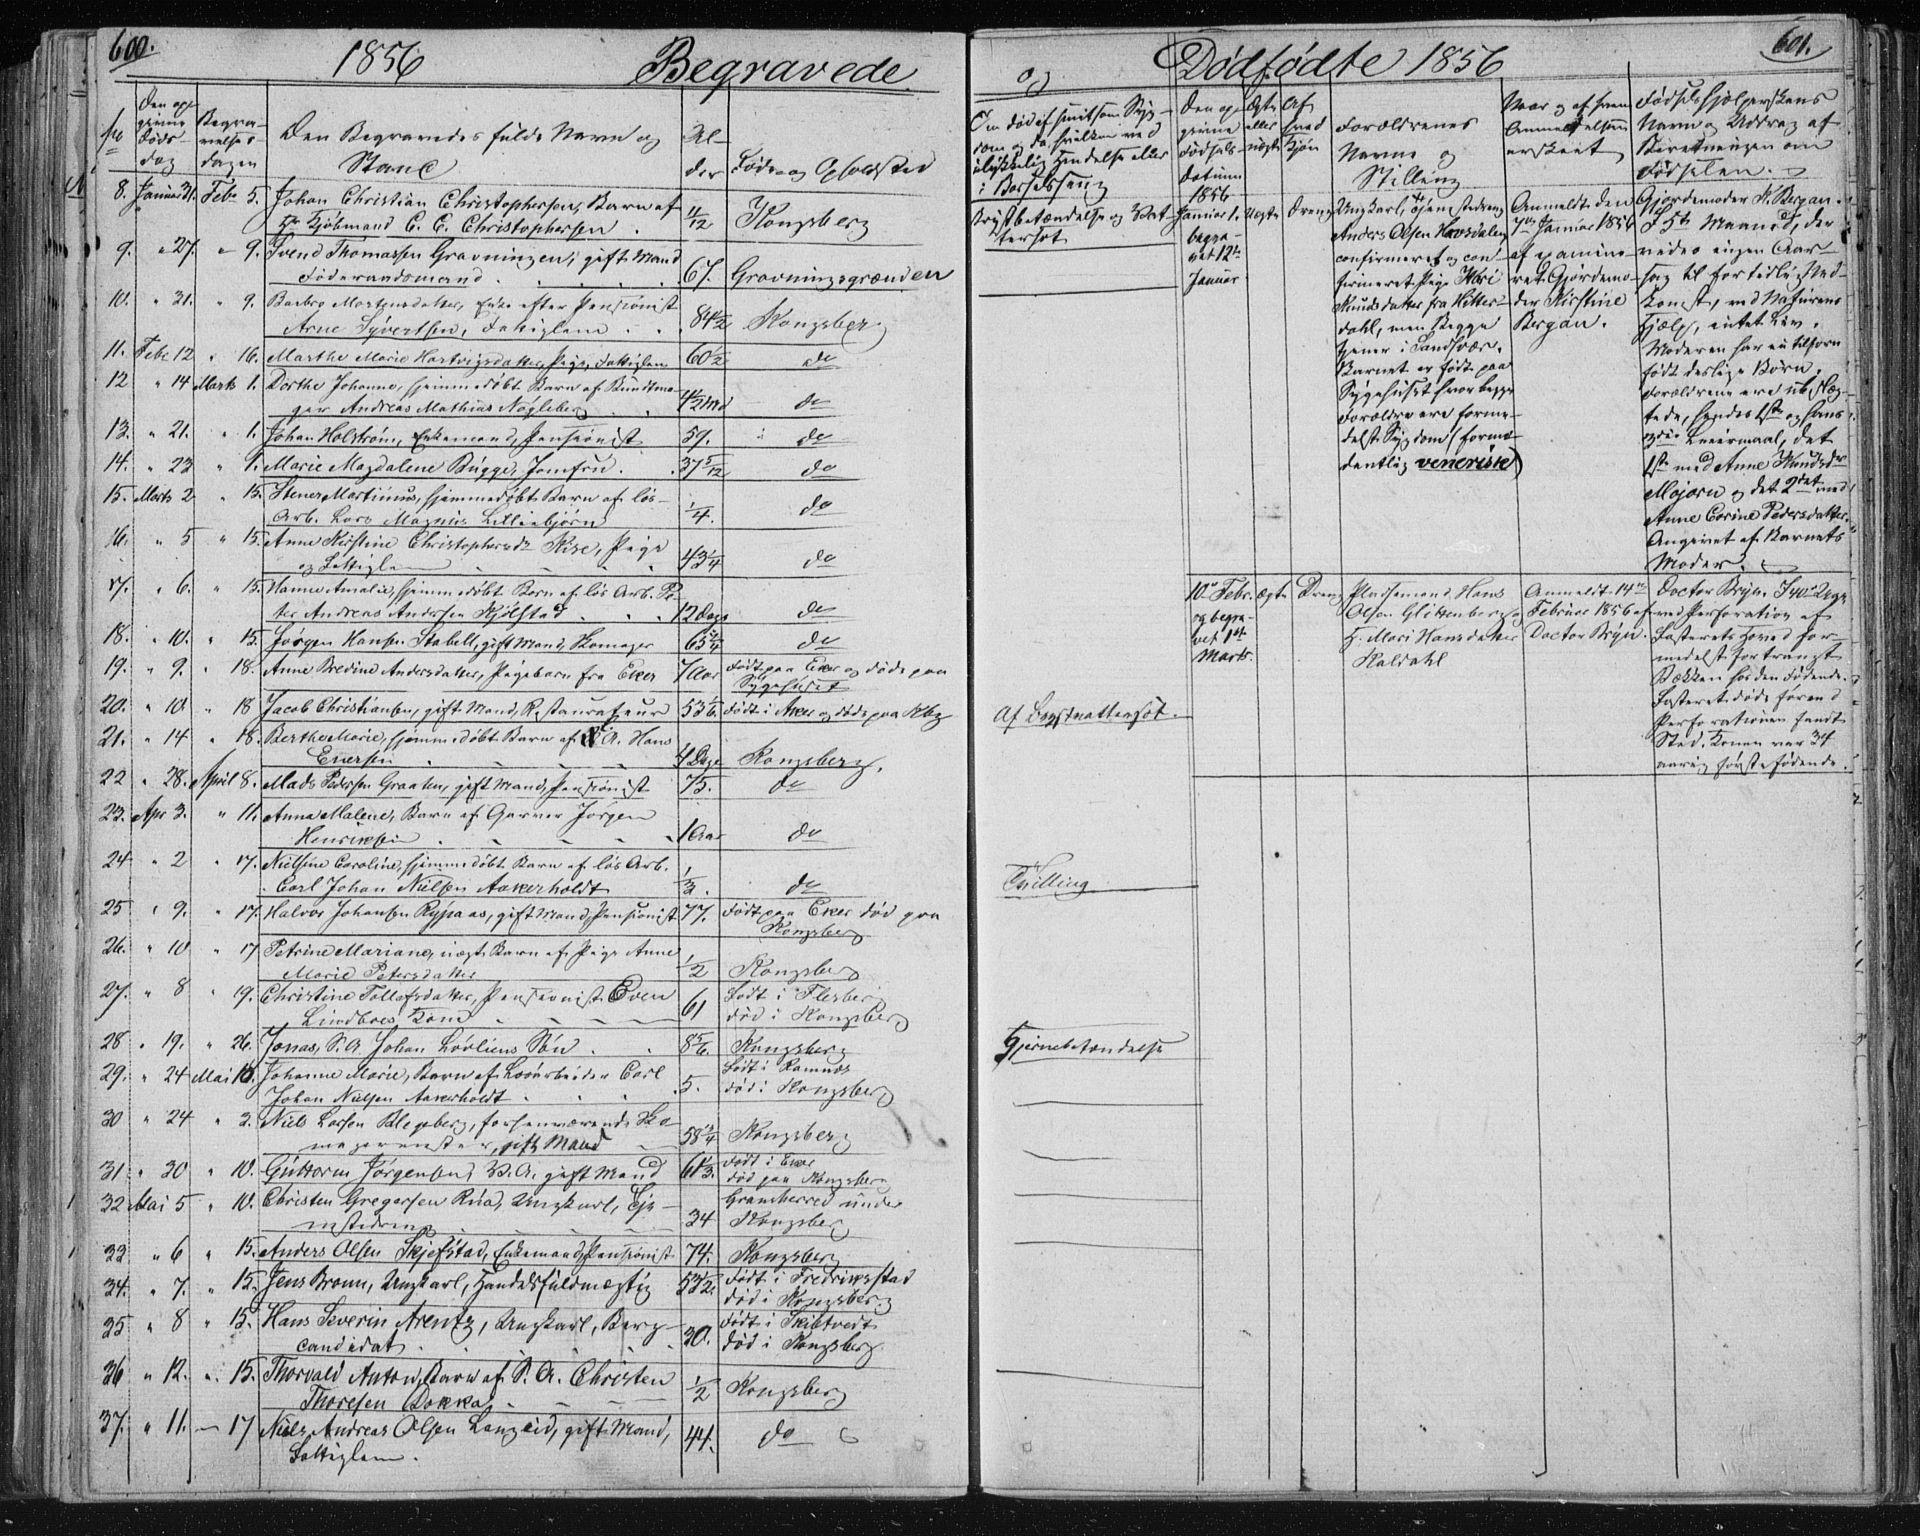 SAKO, Kongsberg kirkebøker, F/Fa/L0009: Ministerialbok nr. I 9, 1839-1858, s. 600-601